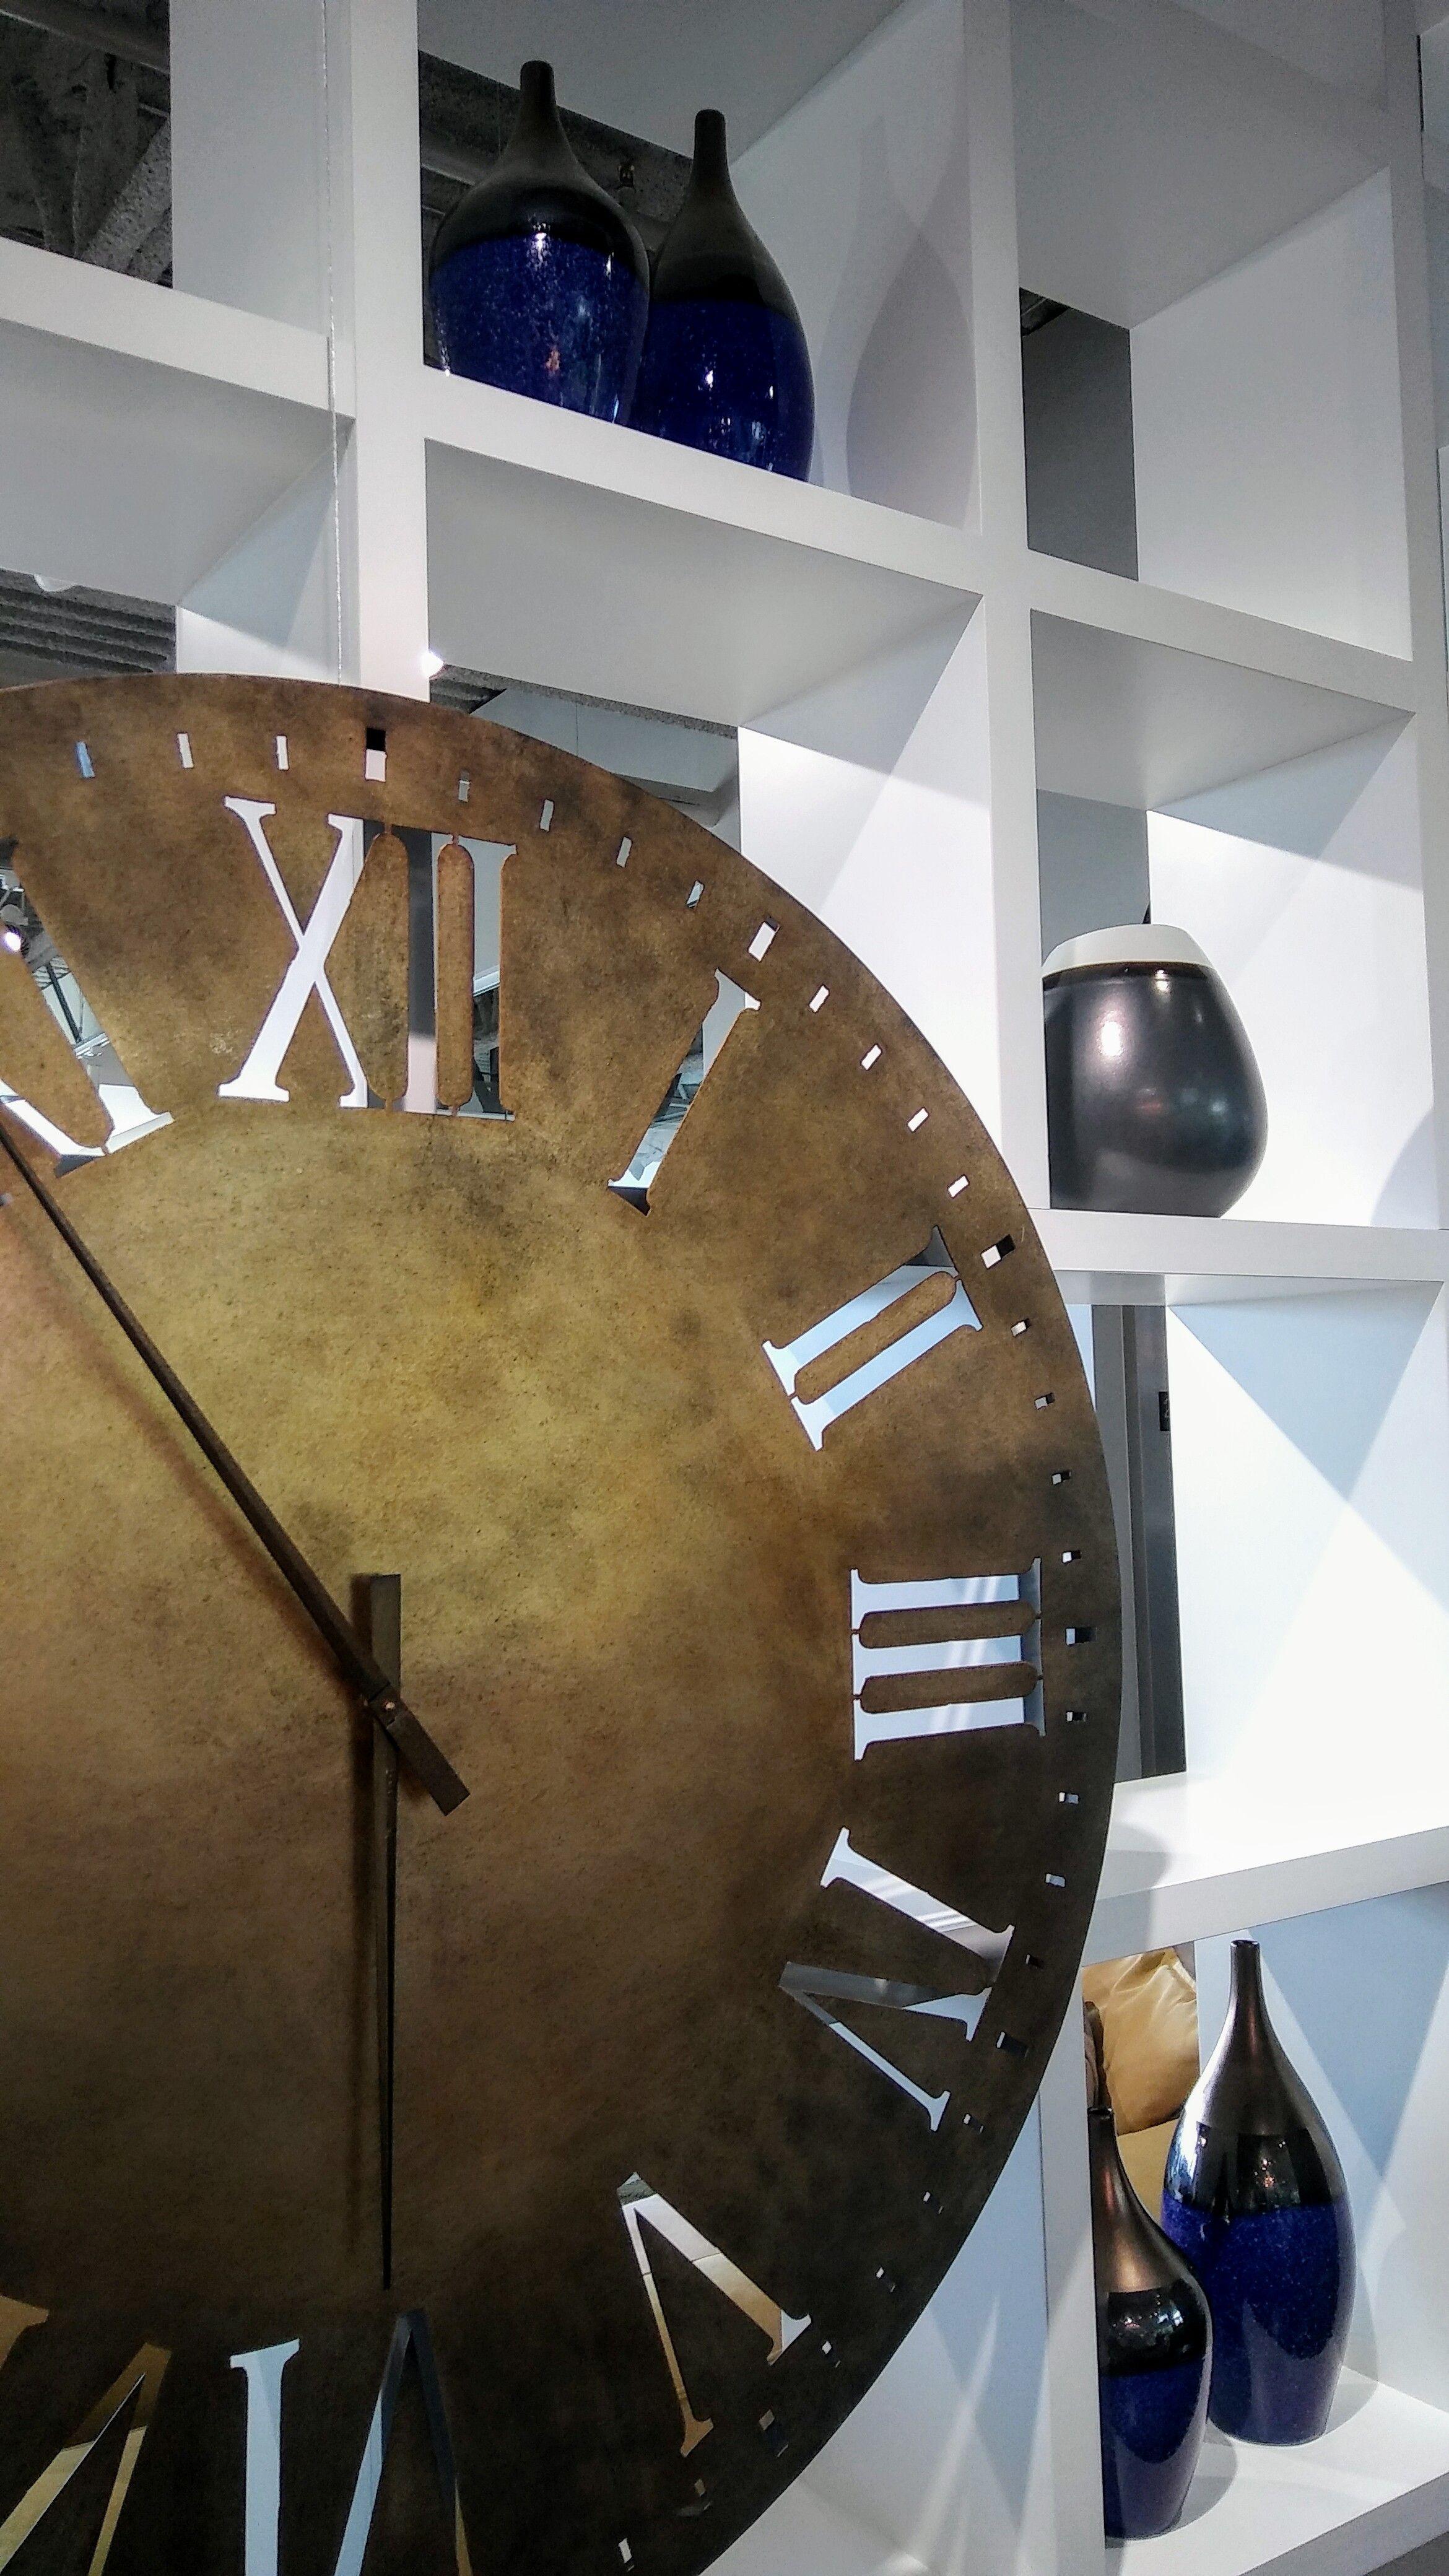 Horloge Avec Chiffres Romain Argentes Mobilier De Salon Horloge Chiffres Romains